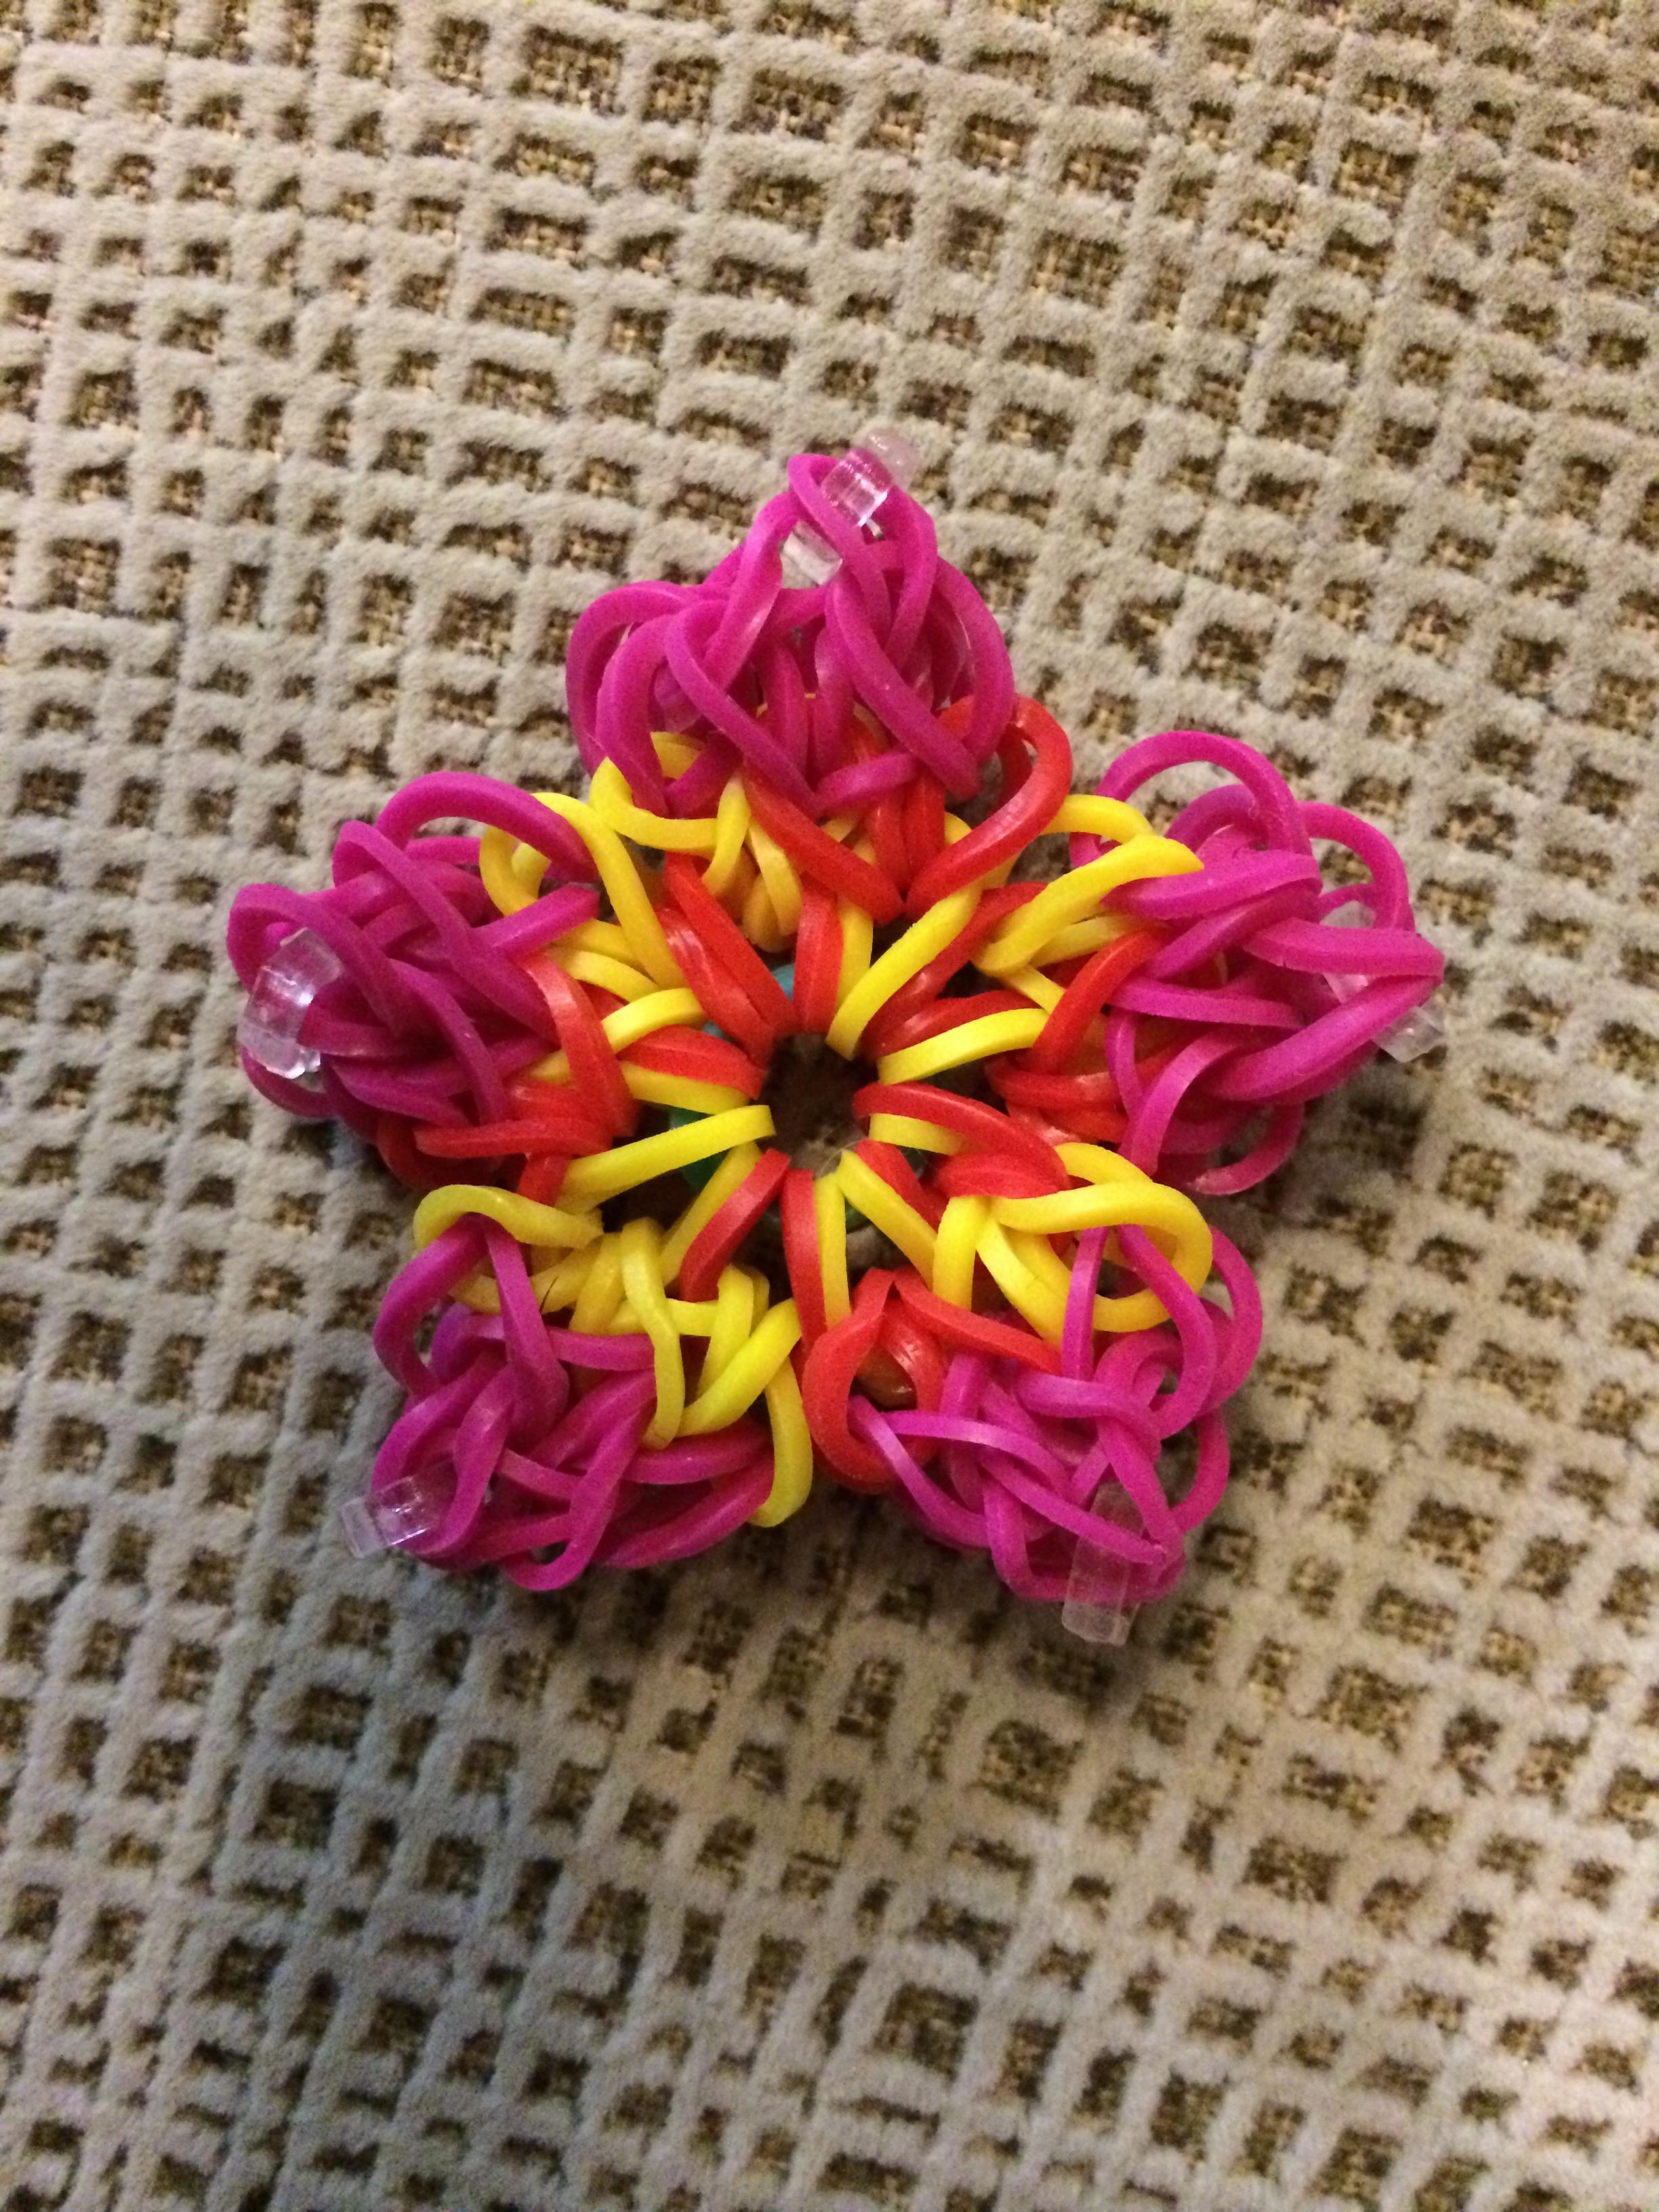 Fotos gratis : mano, flor, pétalo, patrón, rosado, tejer, textil ...